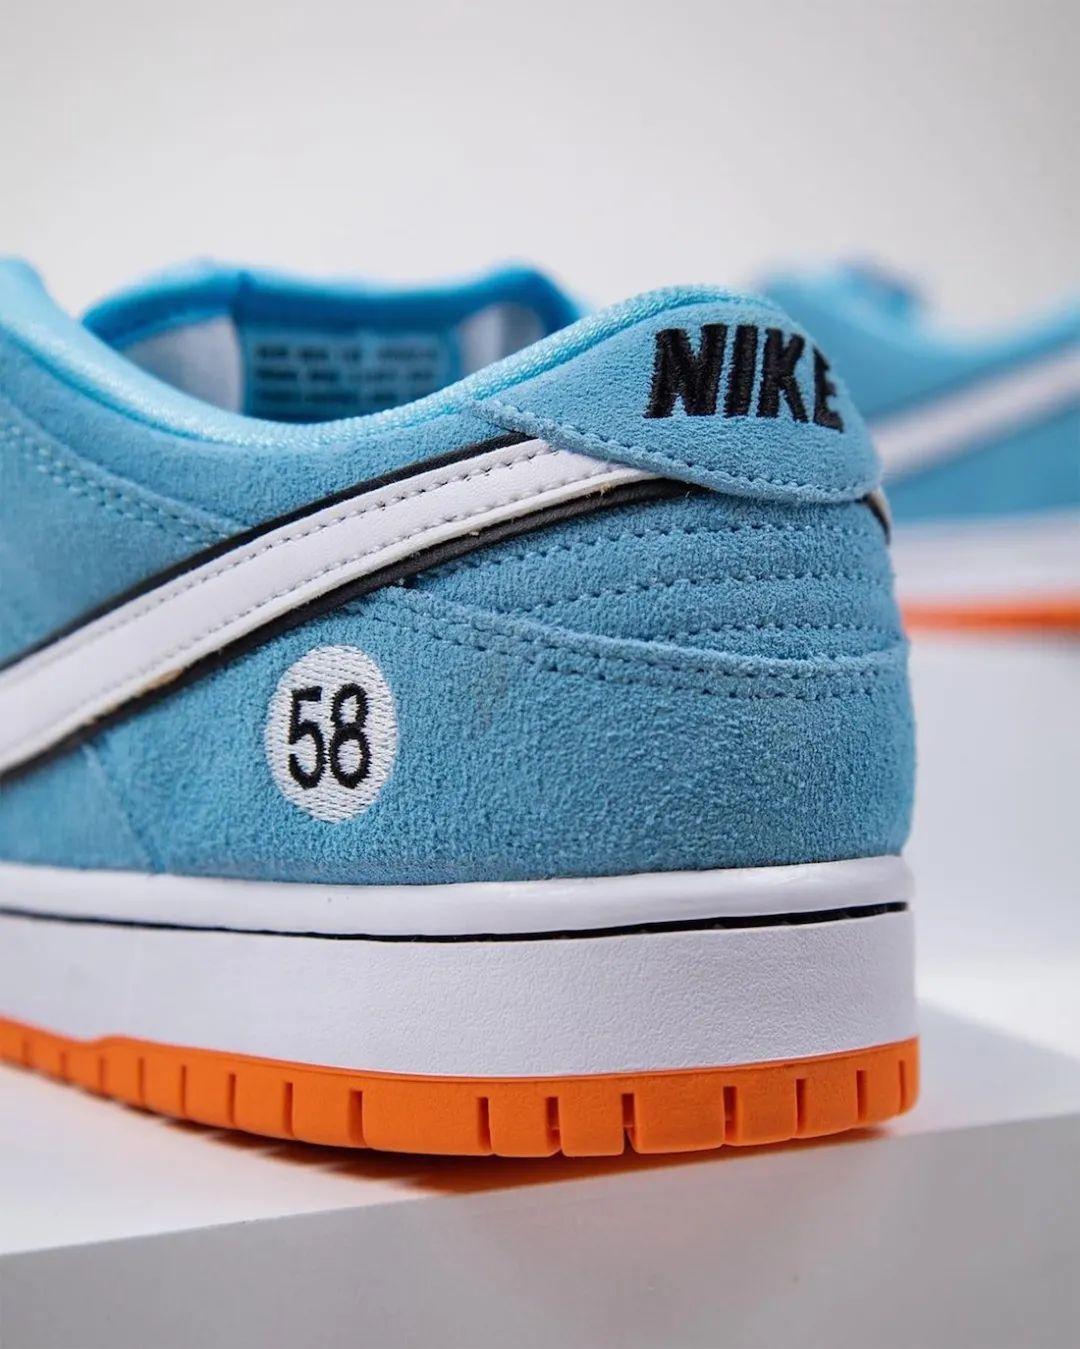 保时捷后,耐克SB赛车涂装灵感鞋款无码图曝光,确认发售!